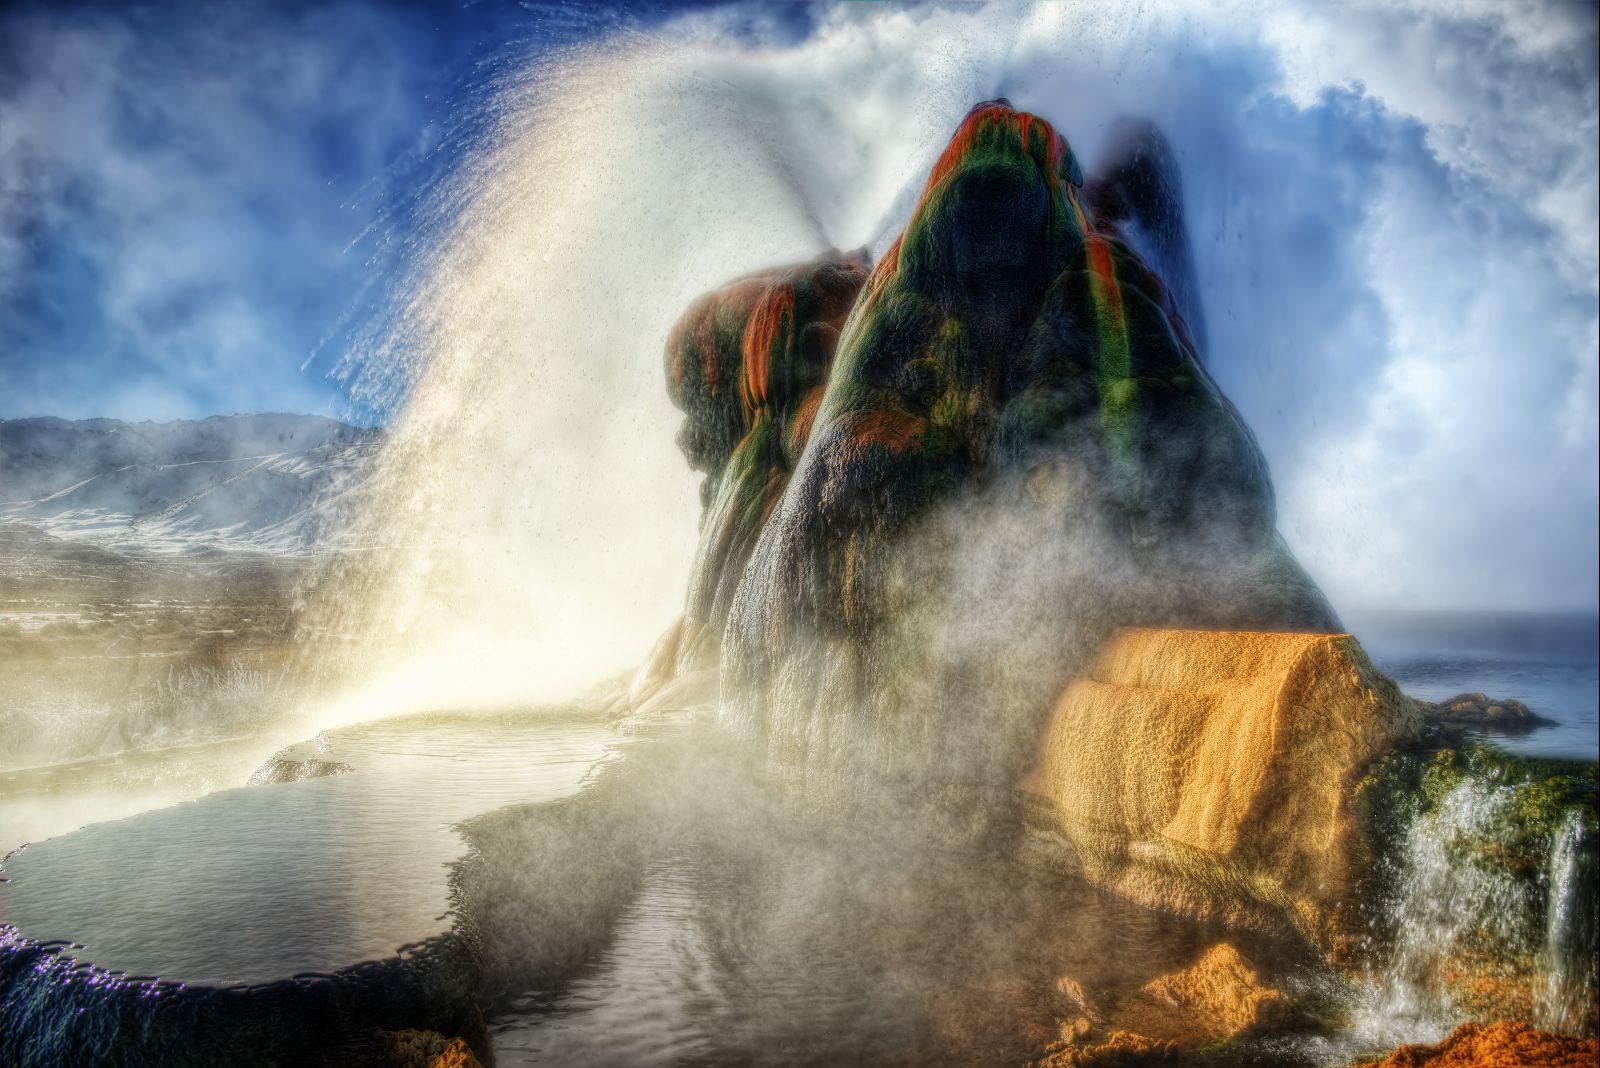 Gejzír tvoří tři vrcholy, které obklopují kaskádovitě seřazená jezírka s horskou vodou, bohatou na uhličitan vápenatý